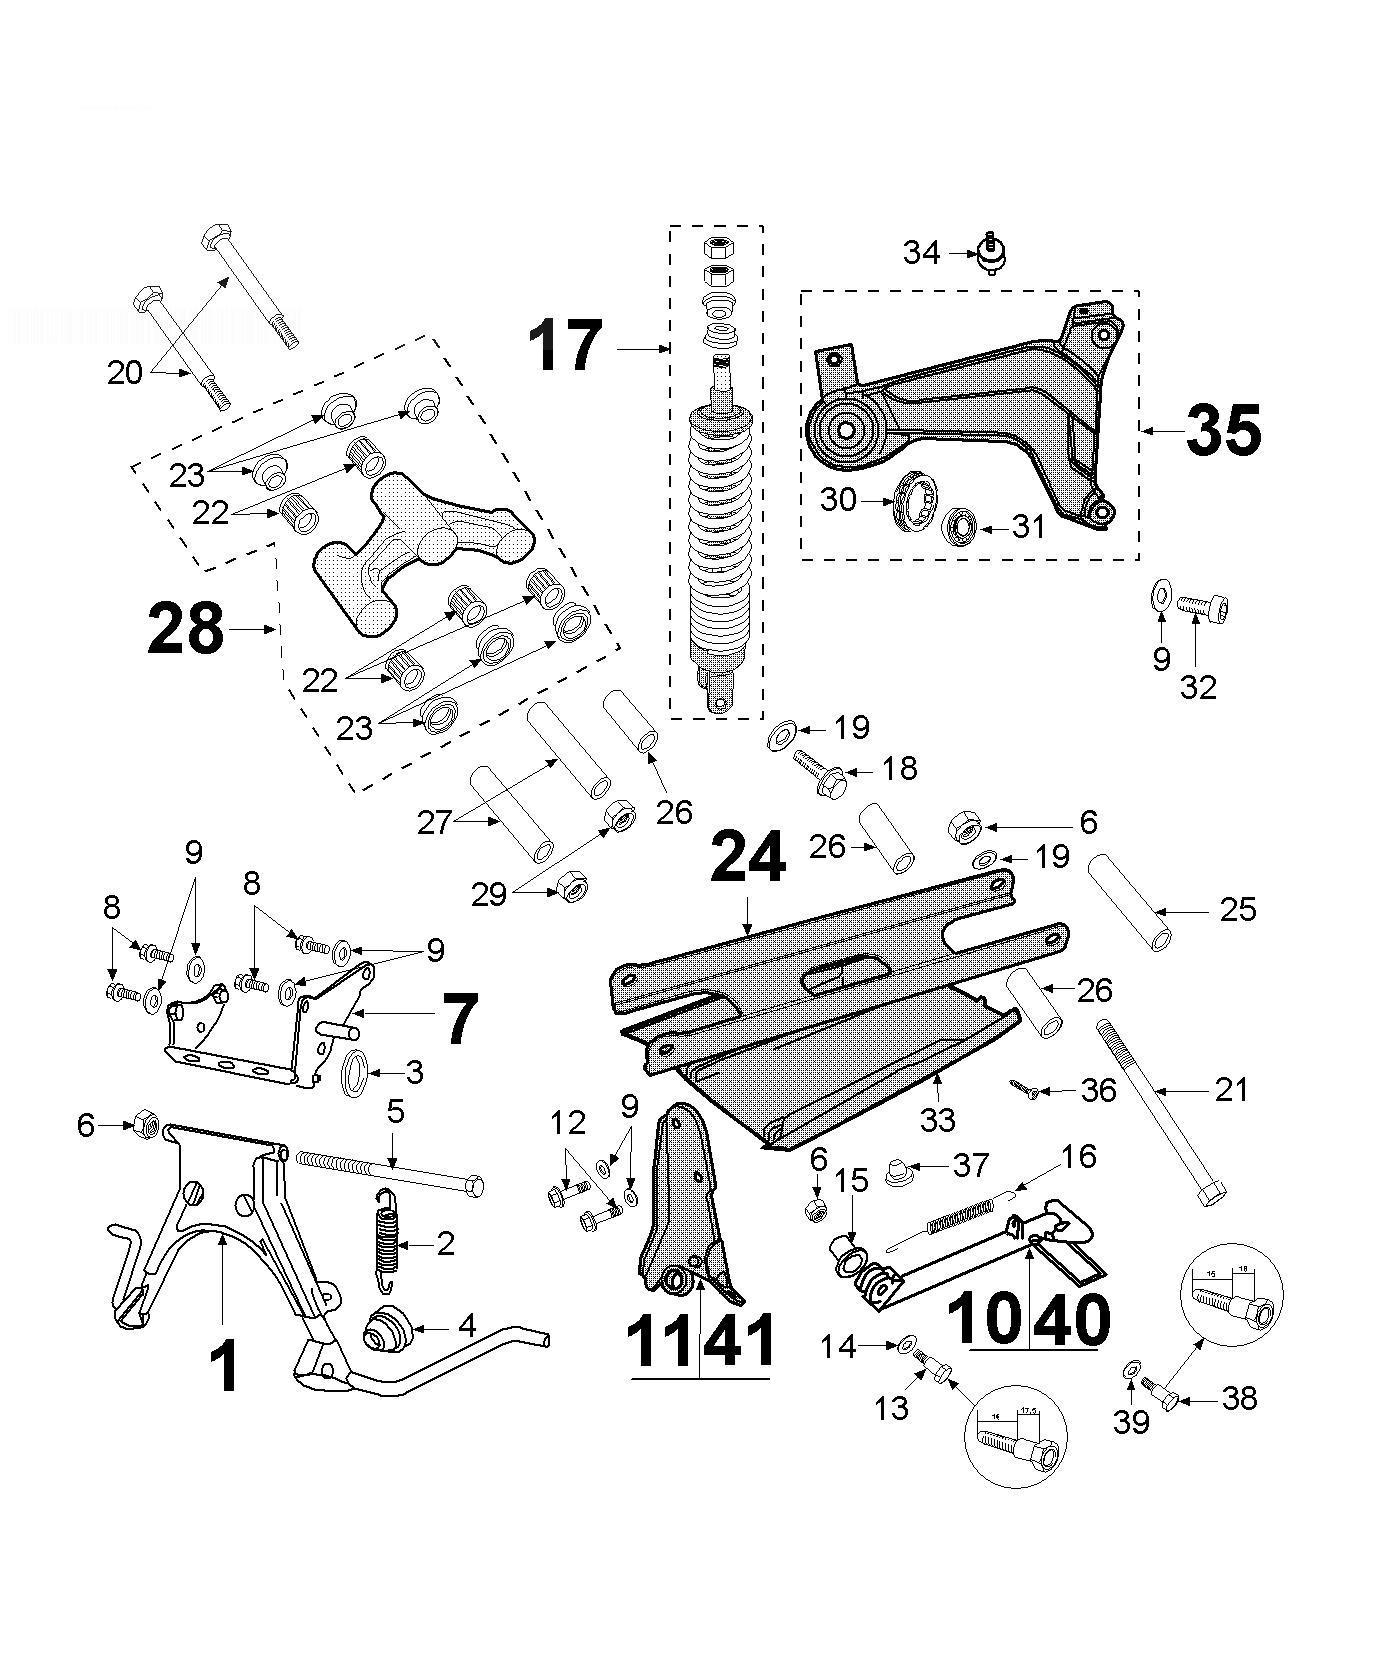 peugeot jetforce 125 wiring diagram